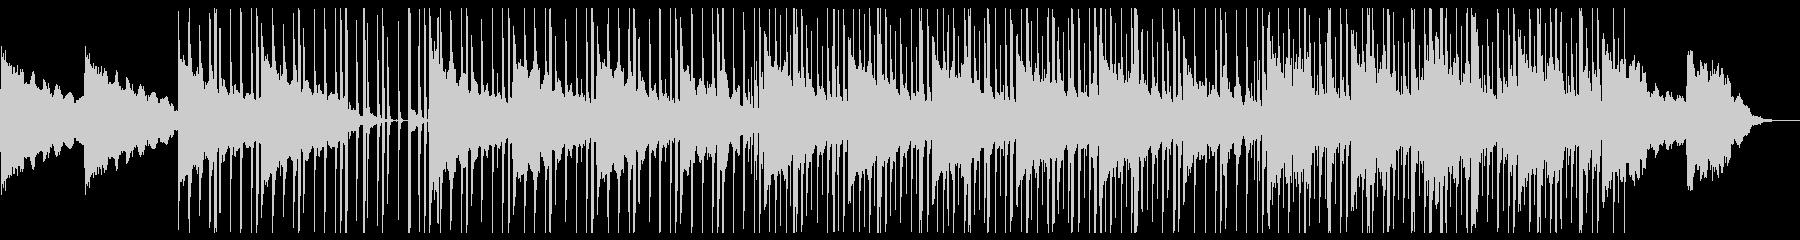 ジャジーでクールなエレクトテクノの未再生の波形